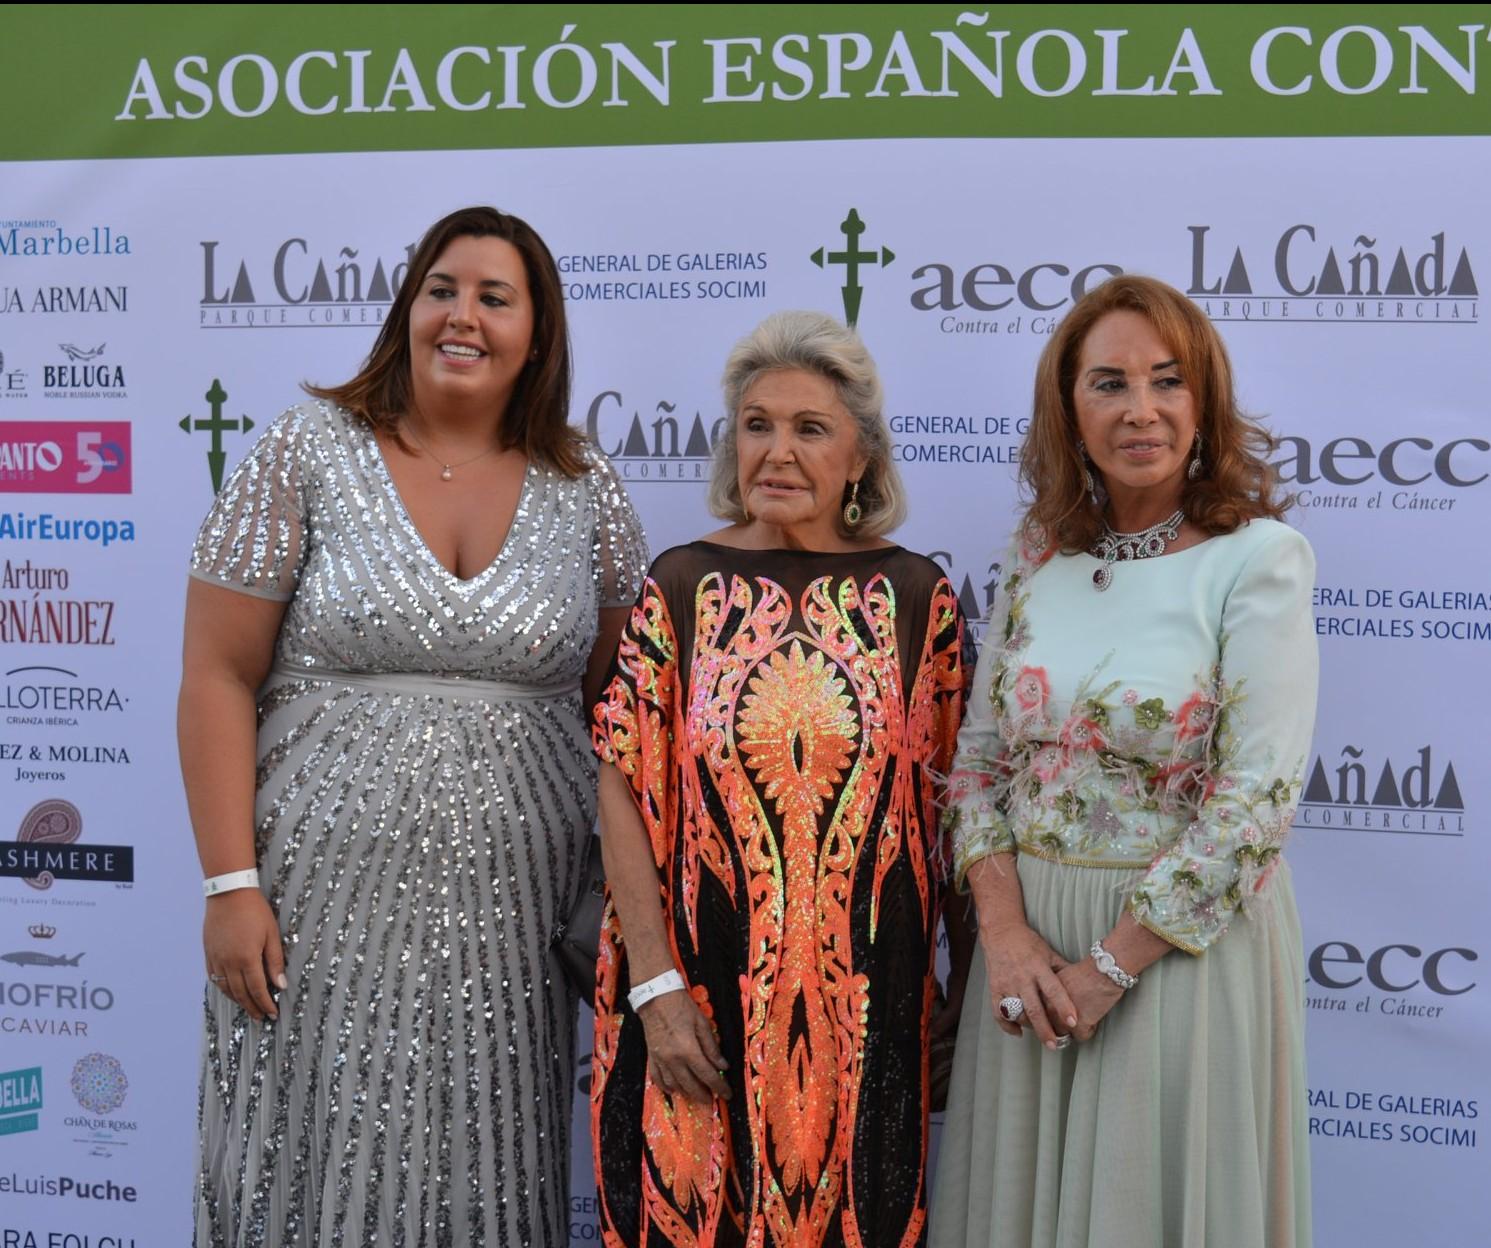 Las presidentas de la Asociación Española del Lujo – Luxury Spain ofrecieron su apoyo en la Gala contra el cáncer en Marbella.